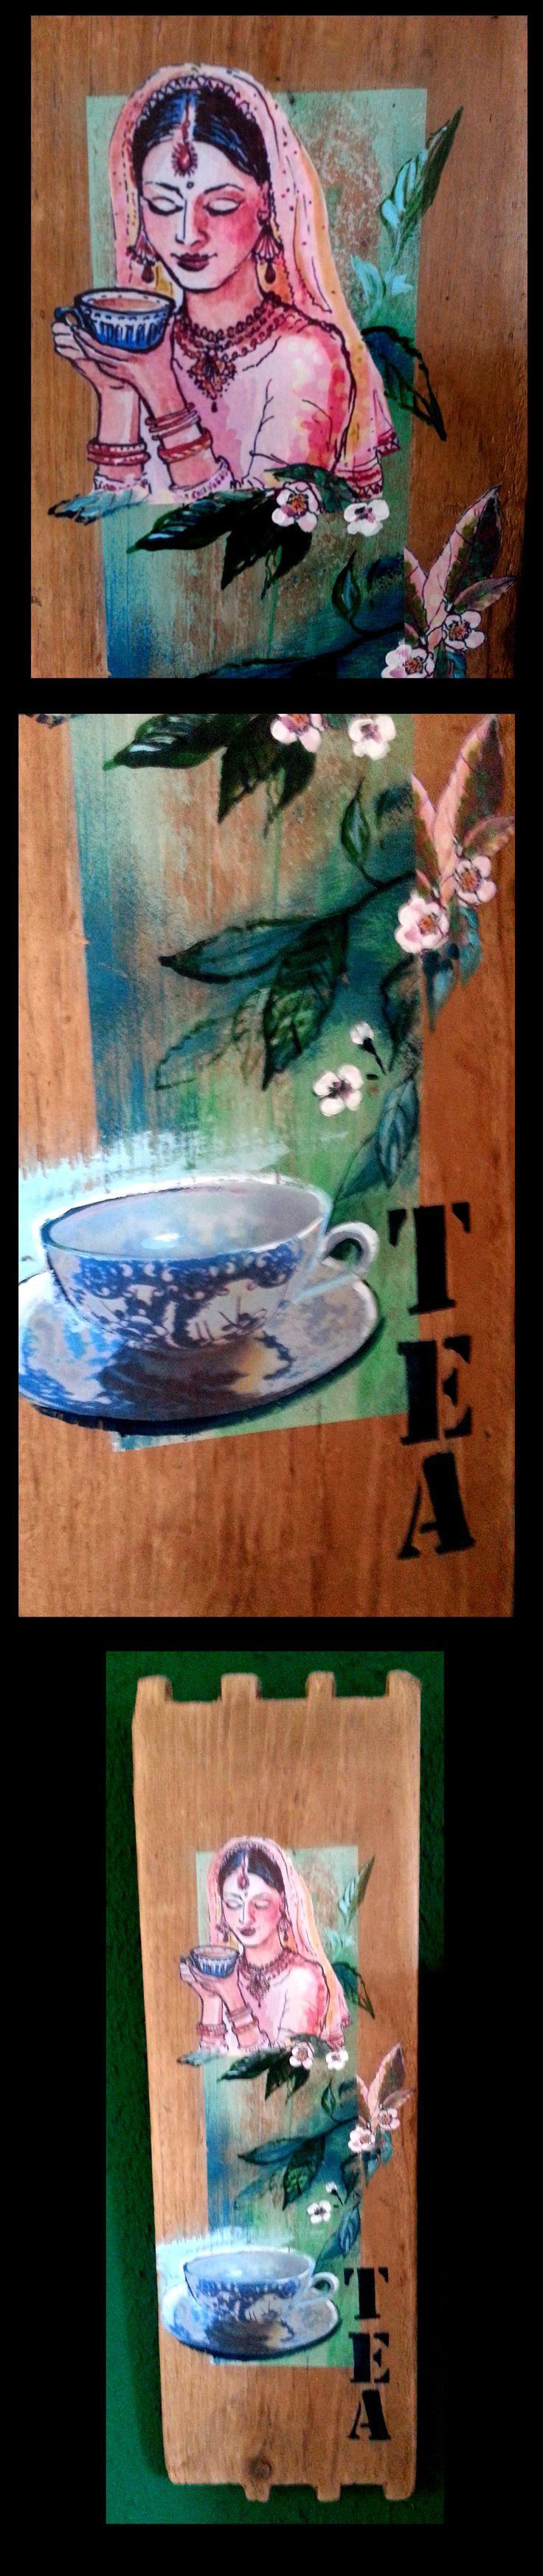 TEA - Mixed Media auf Holz, Karina Fulara